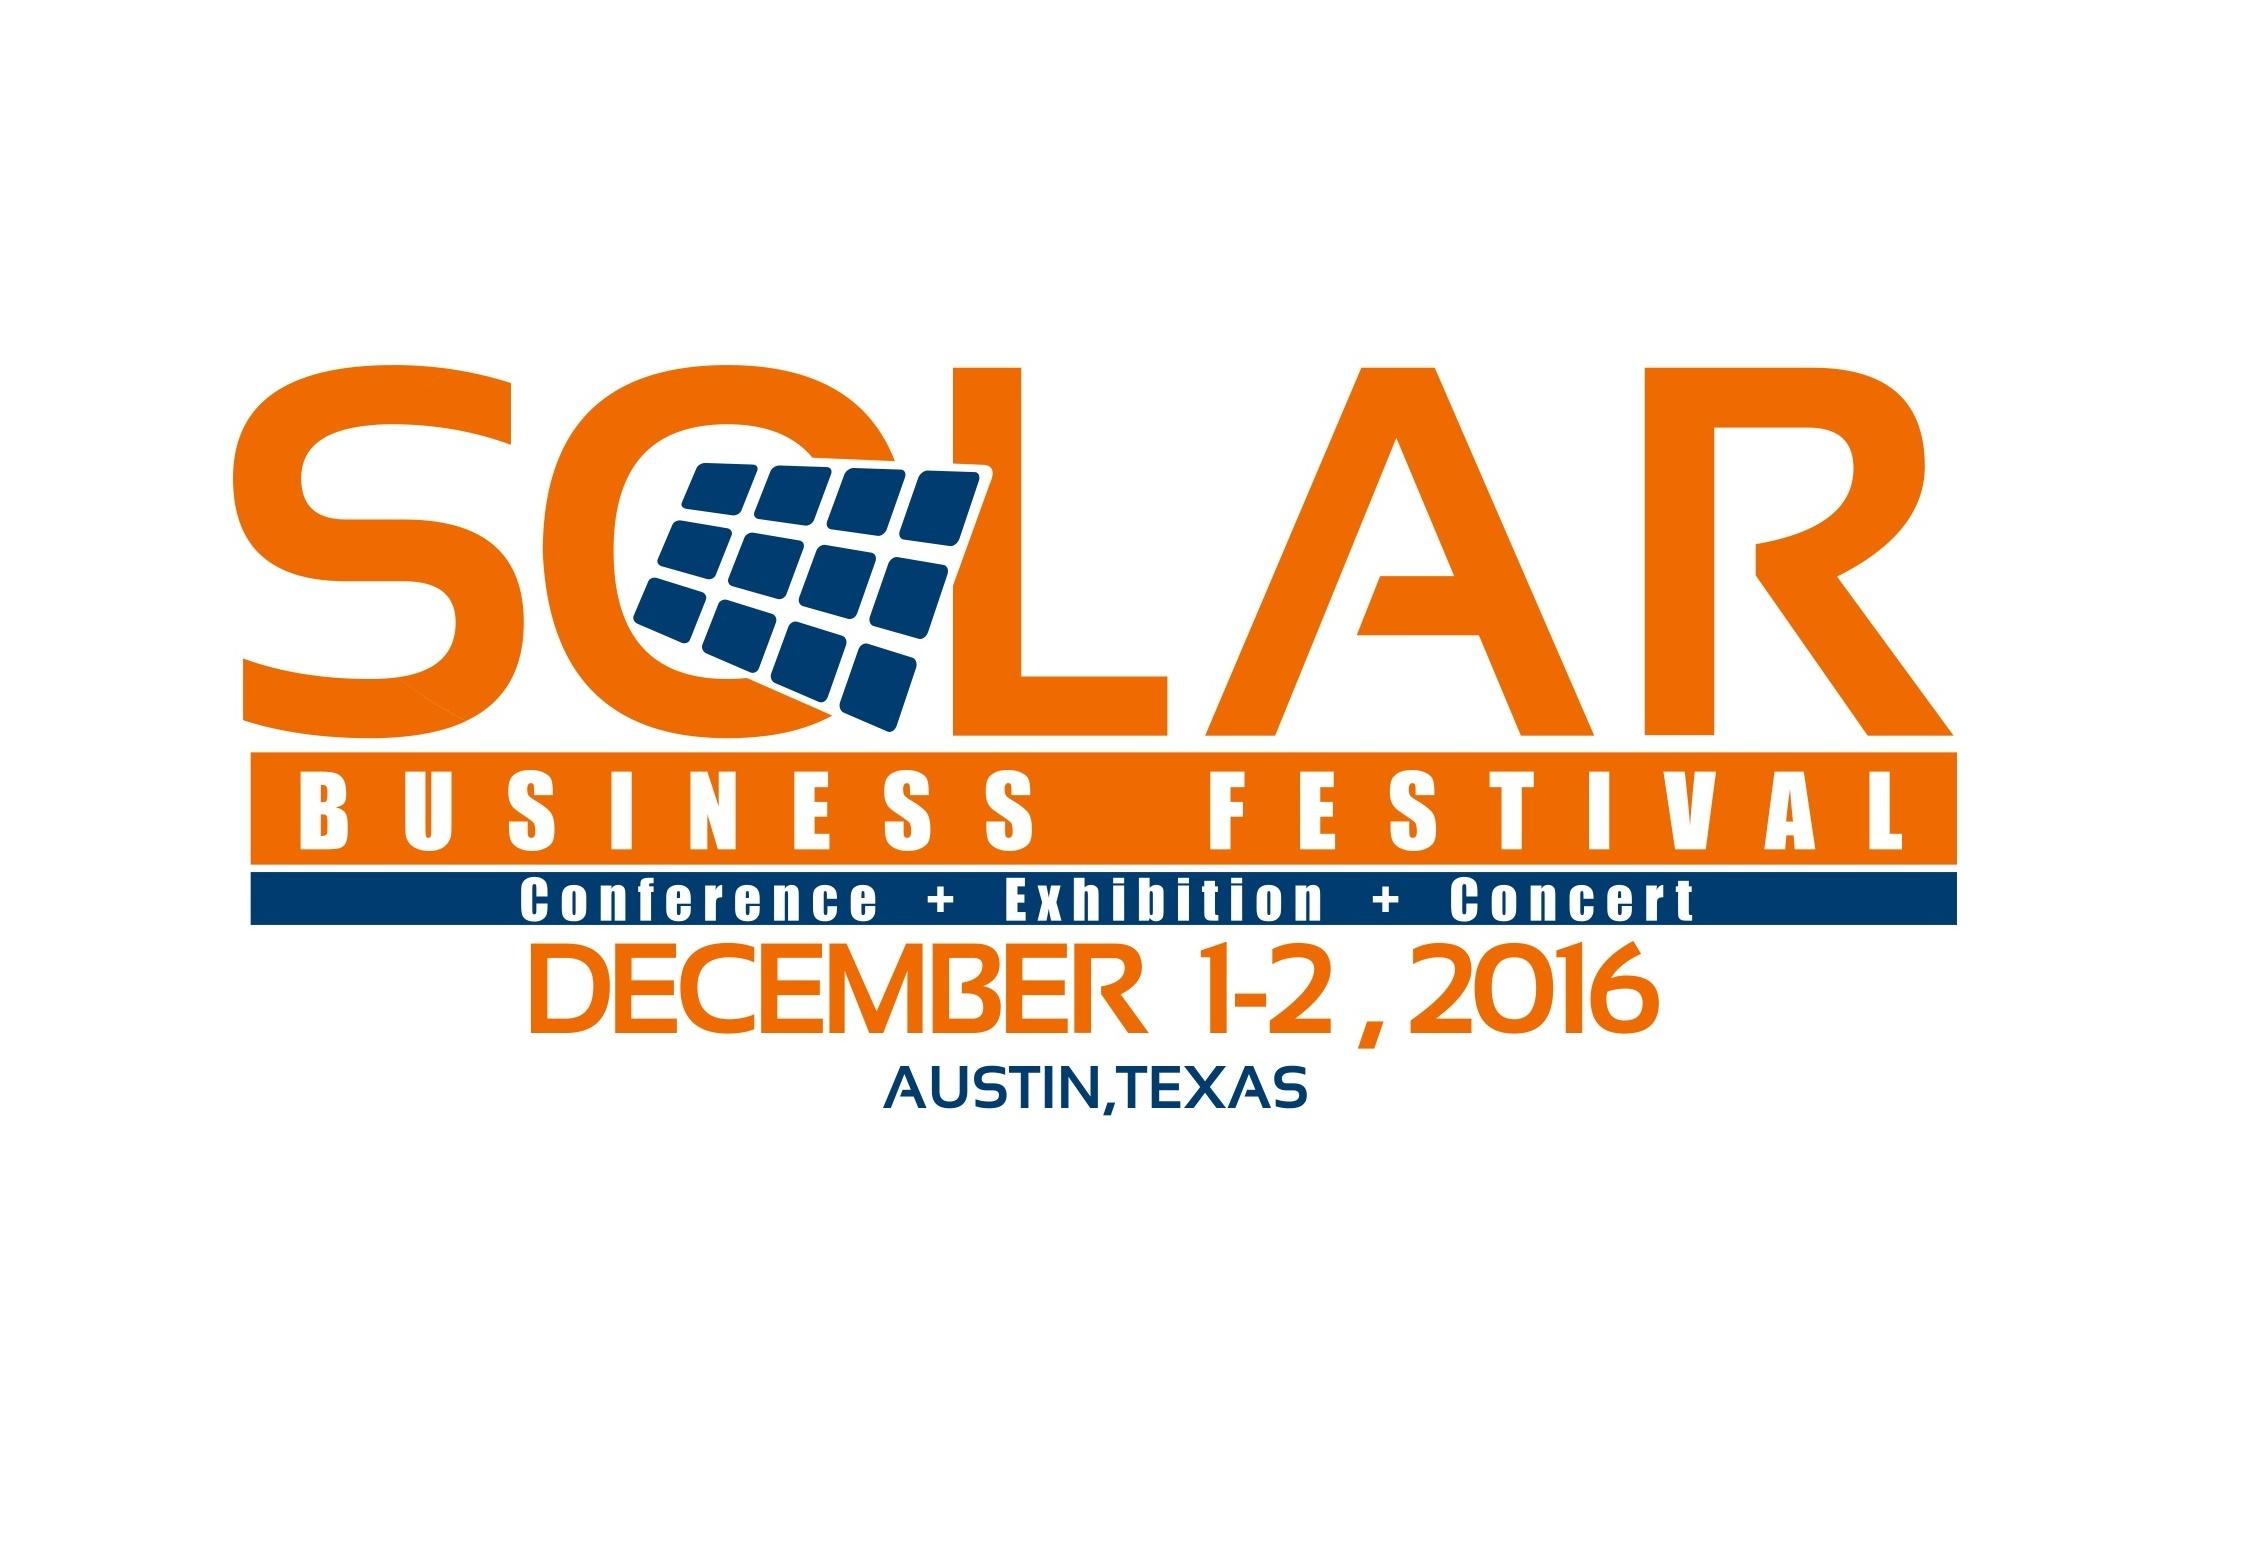 Solar Business Festival 2016